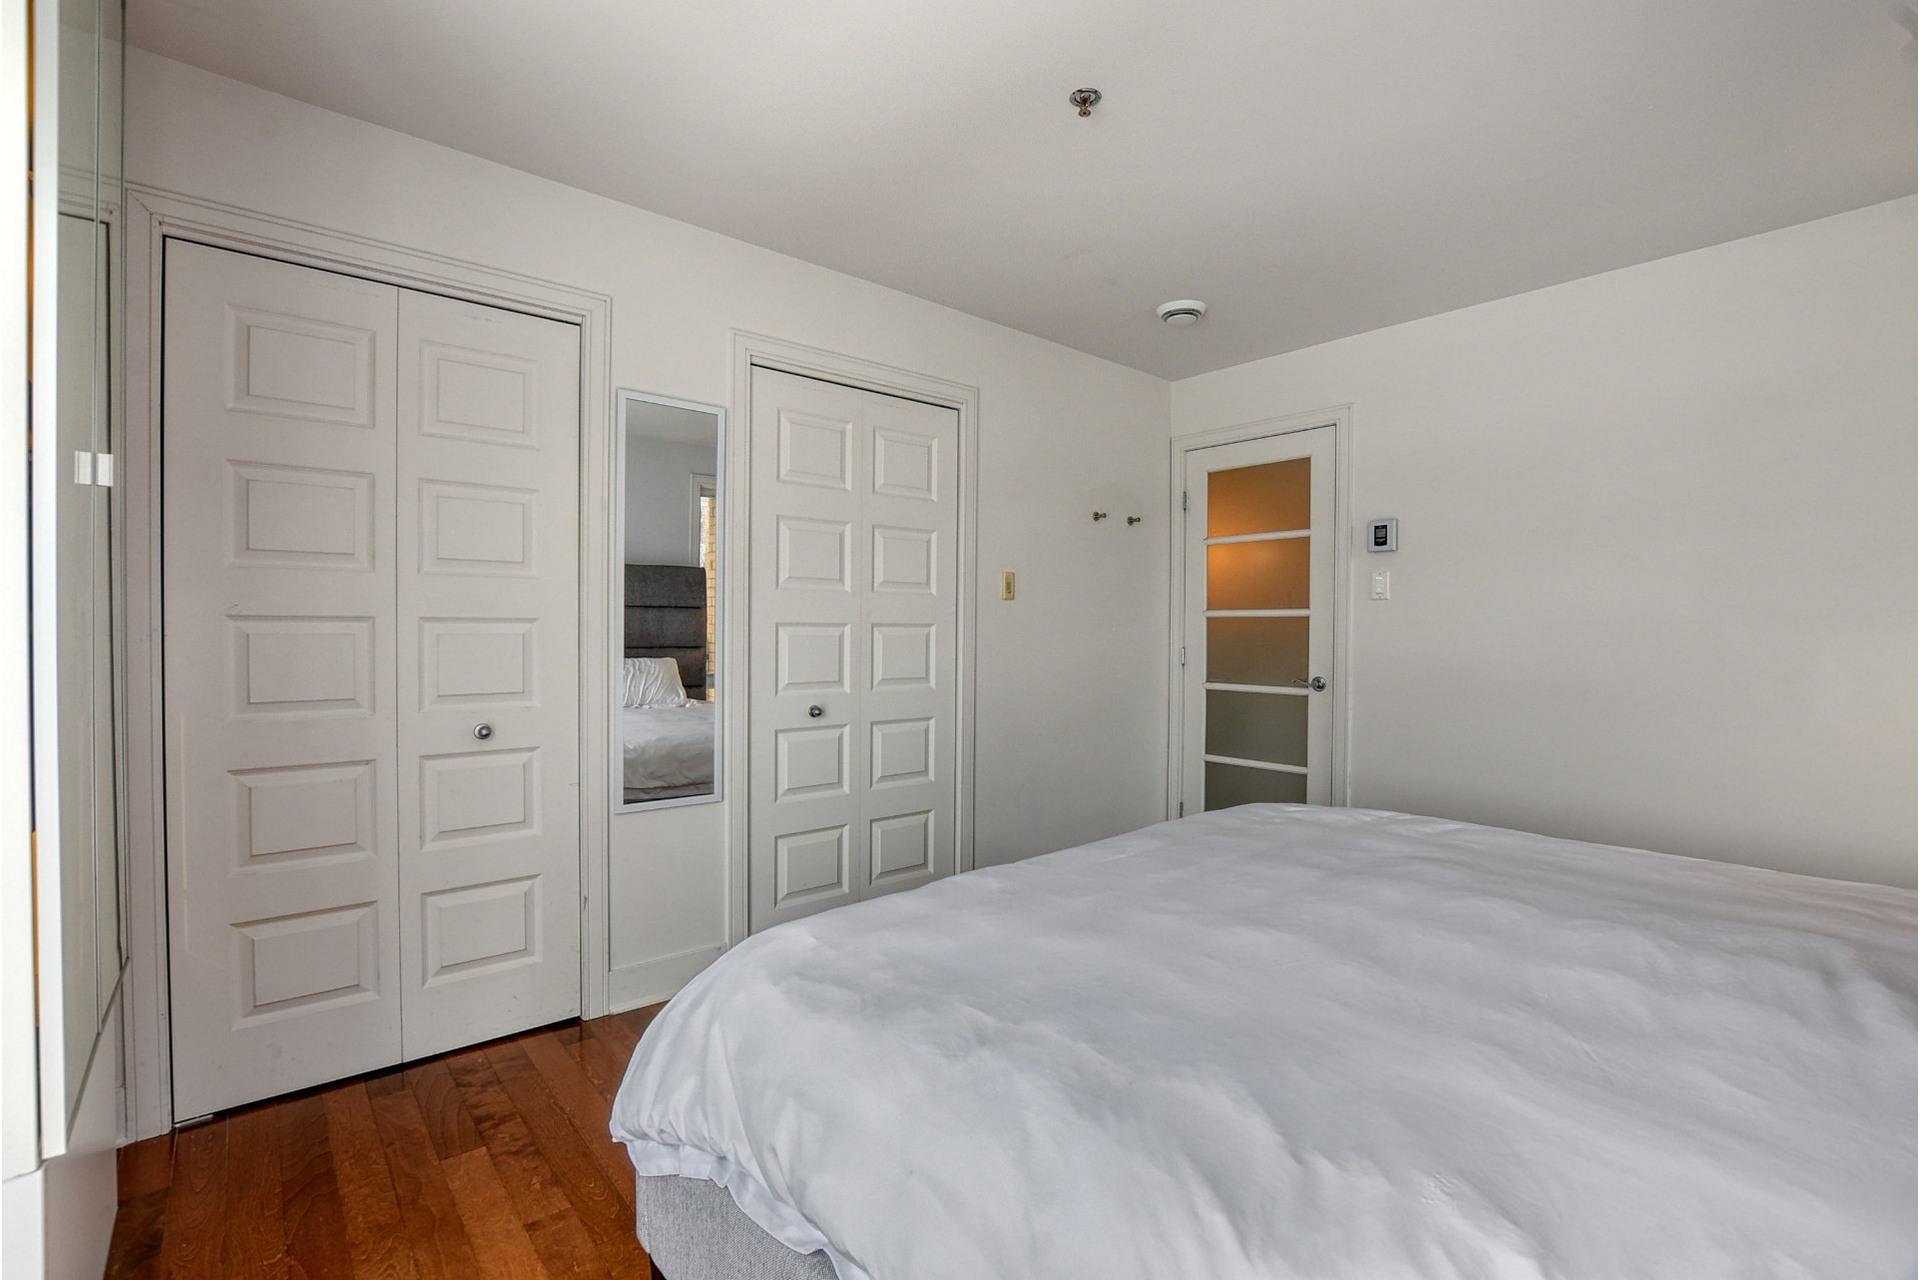 image 10 - Apartment For sale Ahuntsic-Cartierville Montréal  - 4 rooms